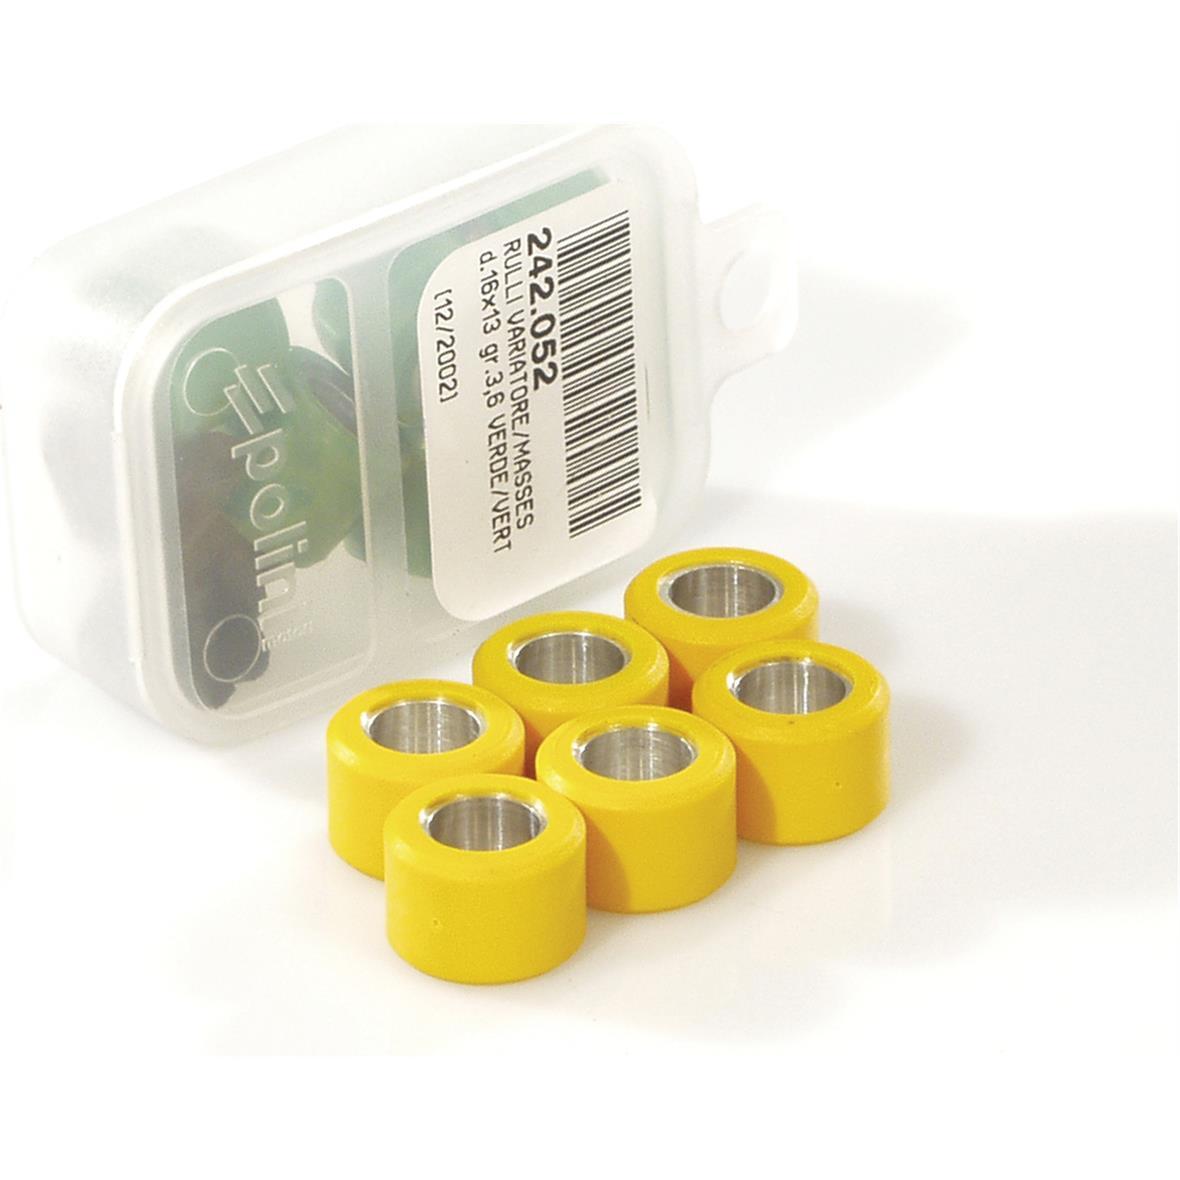 Zdjęcie produktu dla 'Rolki Variatora POLINI 20x12 mm 10,1 gTitle'